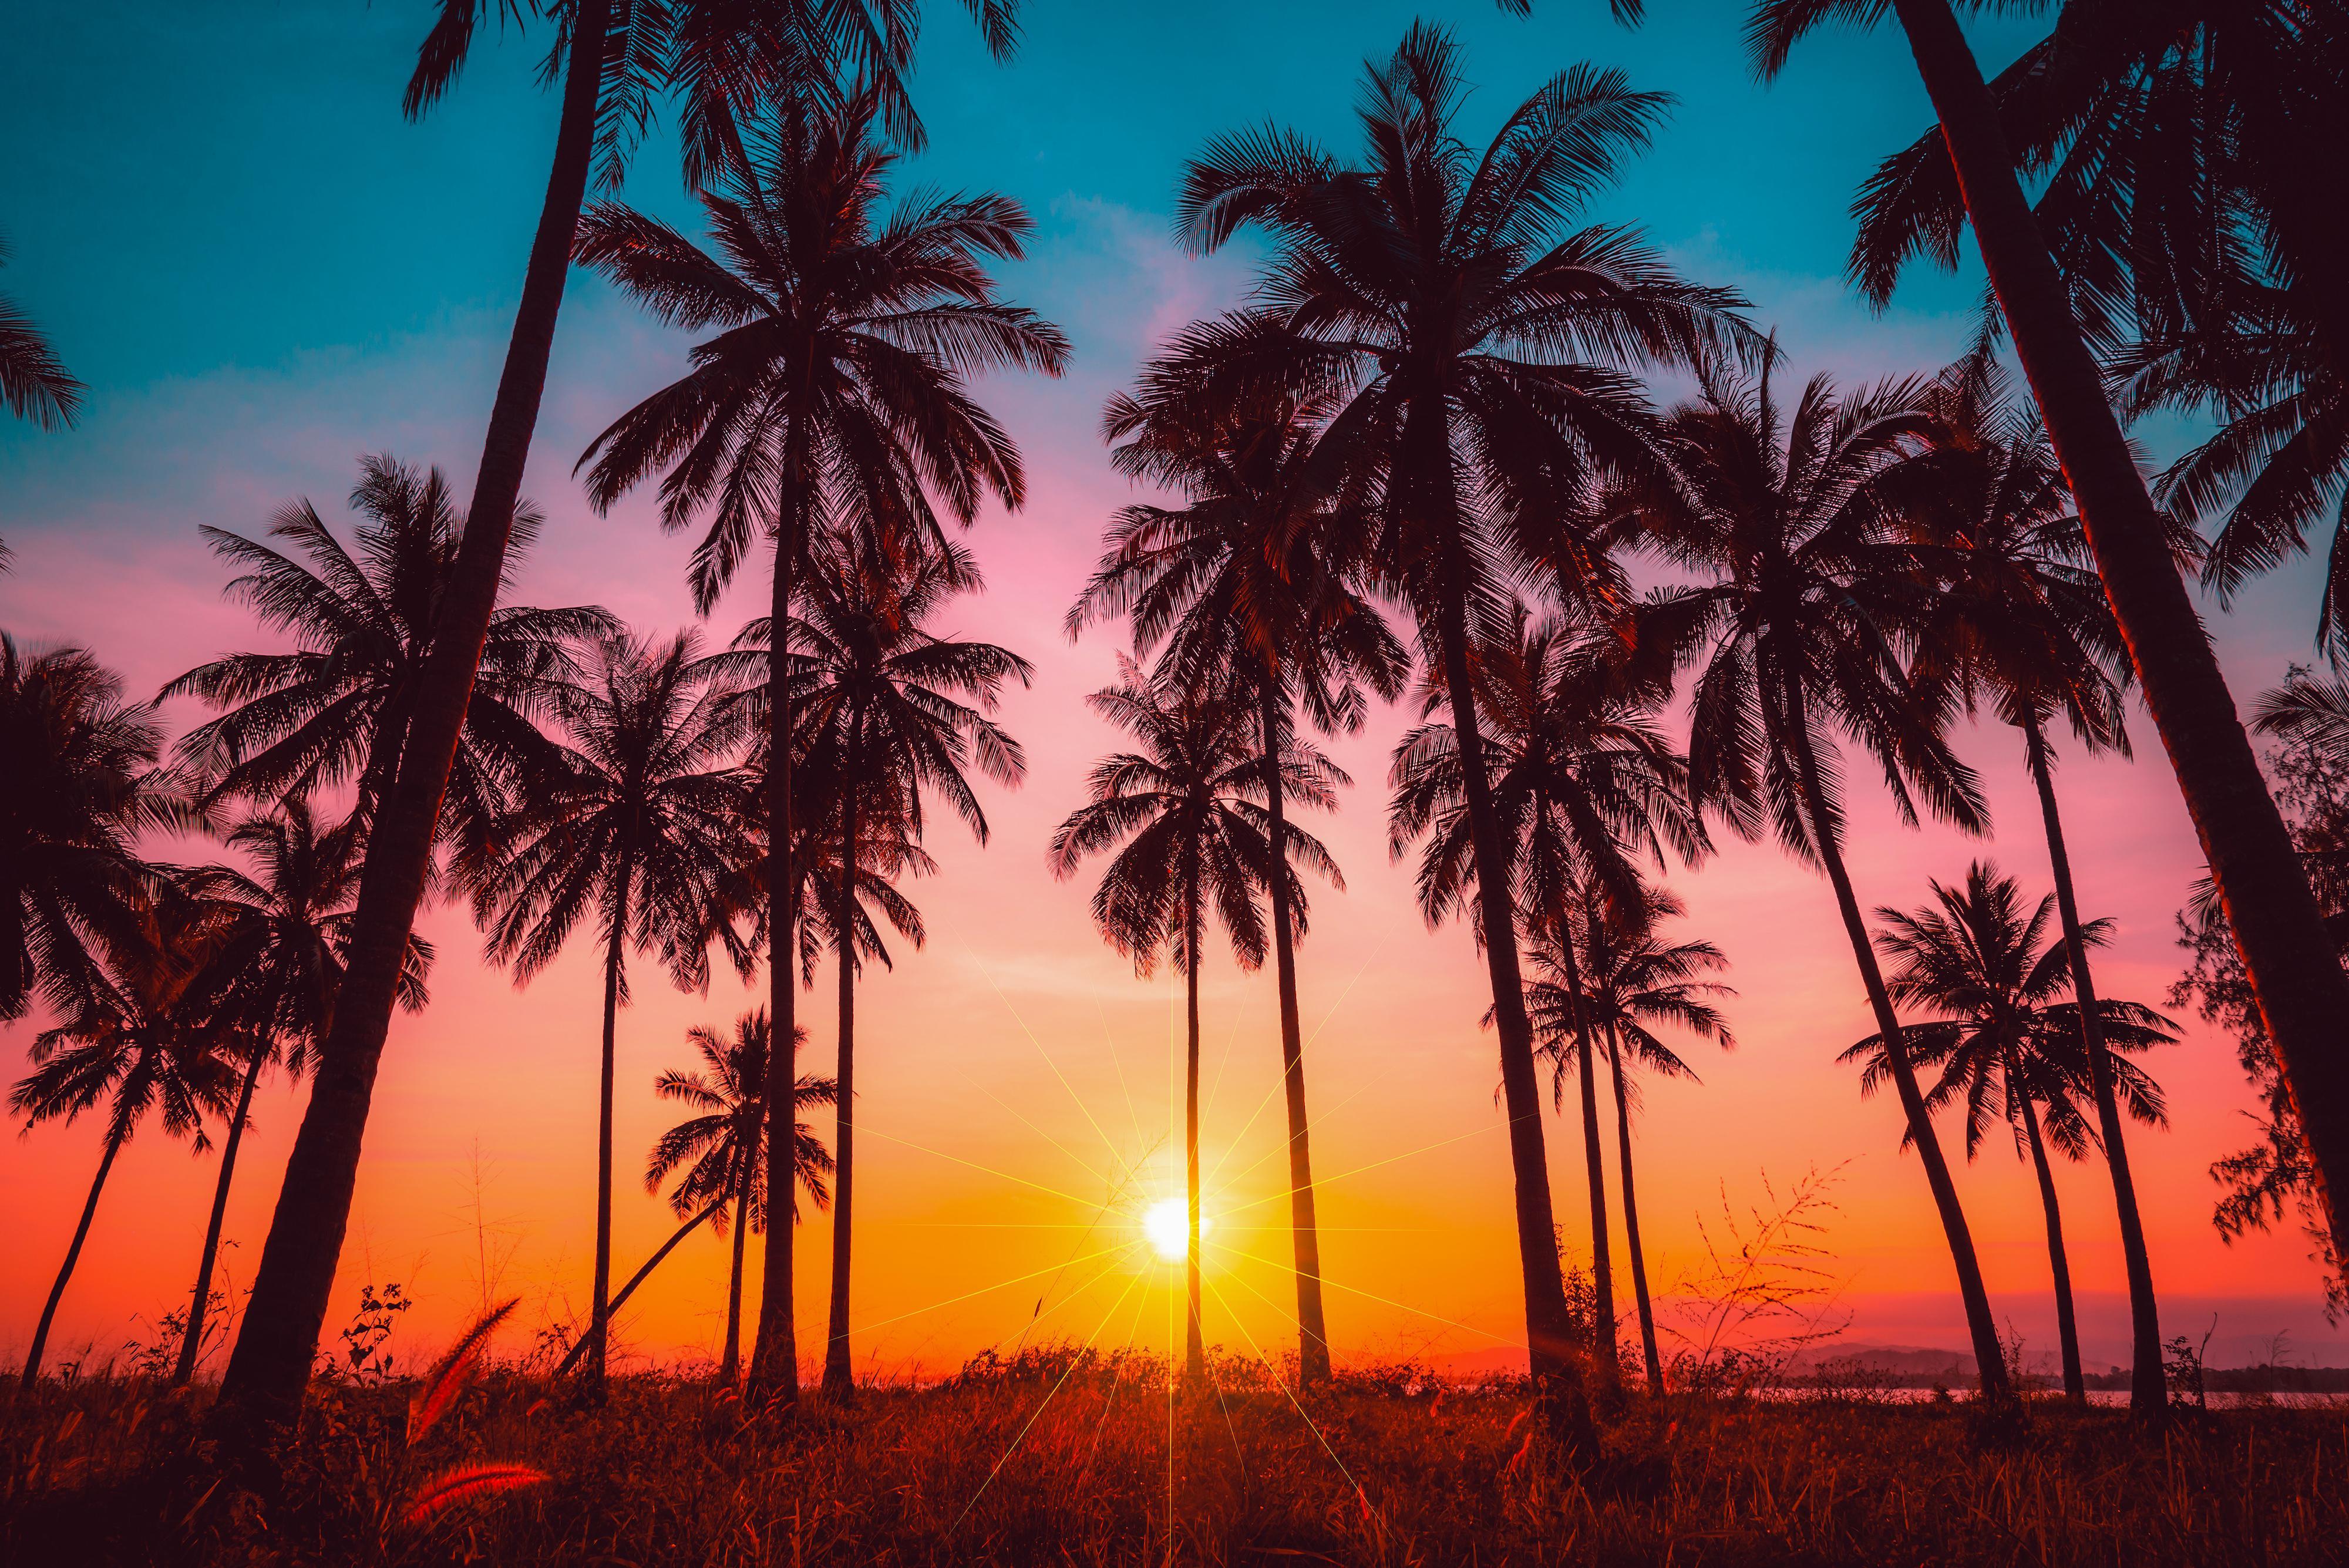 alerte job de r u00eave  photographier des couchers de soleil en am u00e9rique